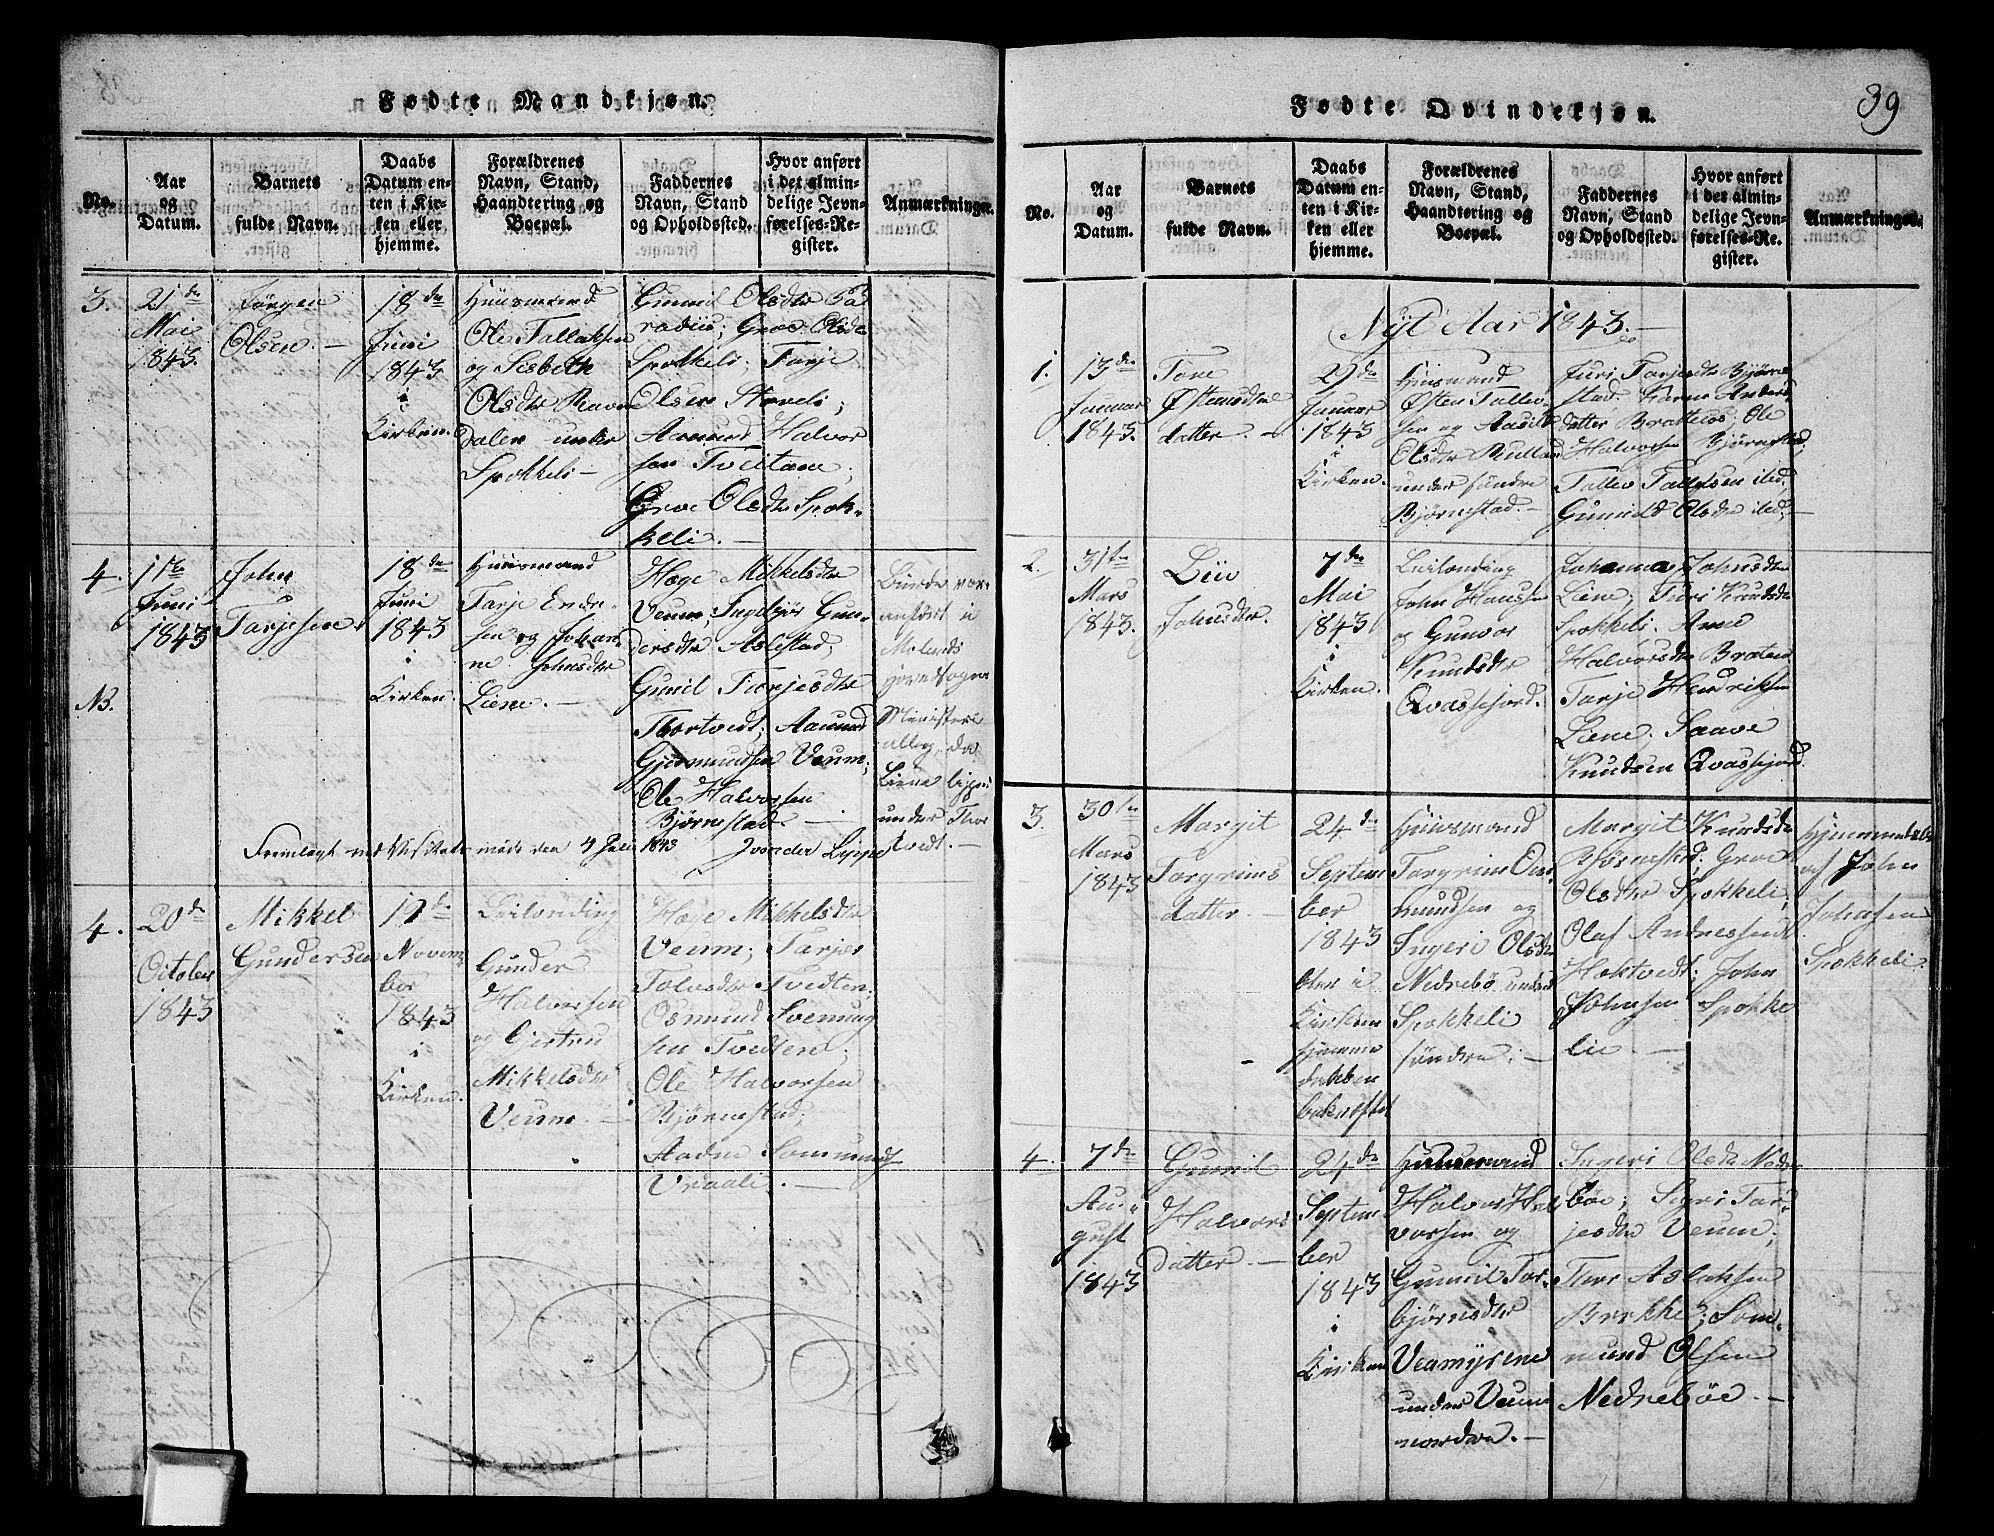 SAKO, Fyresdal kirkebøker, G/Ga/L0003: Klokkerbok nr. I 3, 1815-1863, s. 39